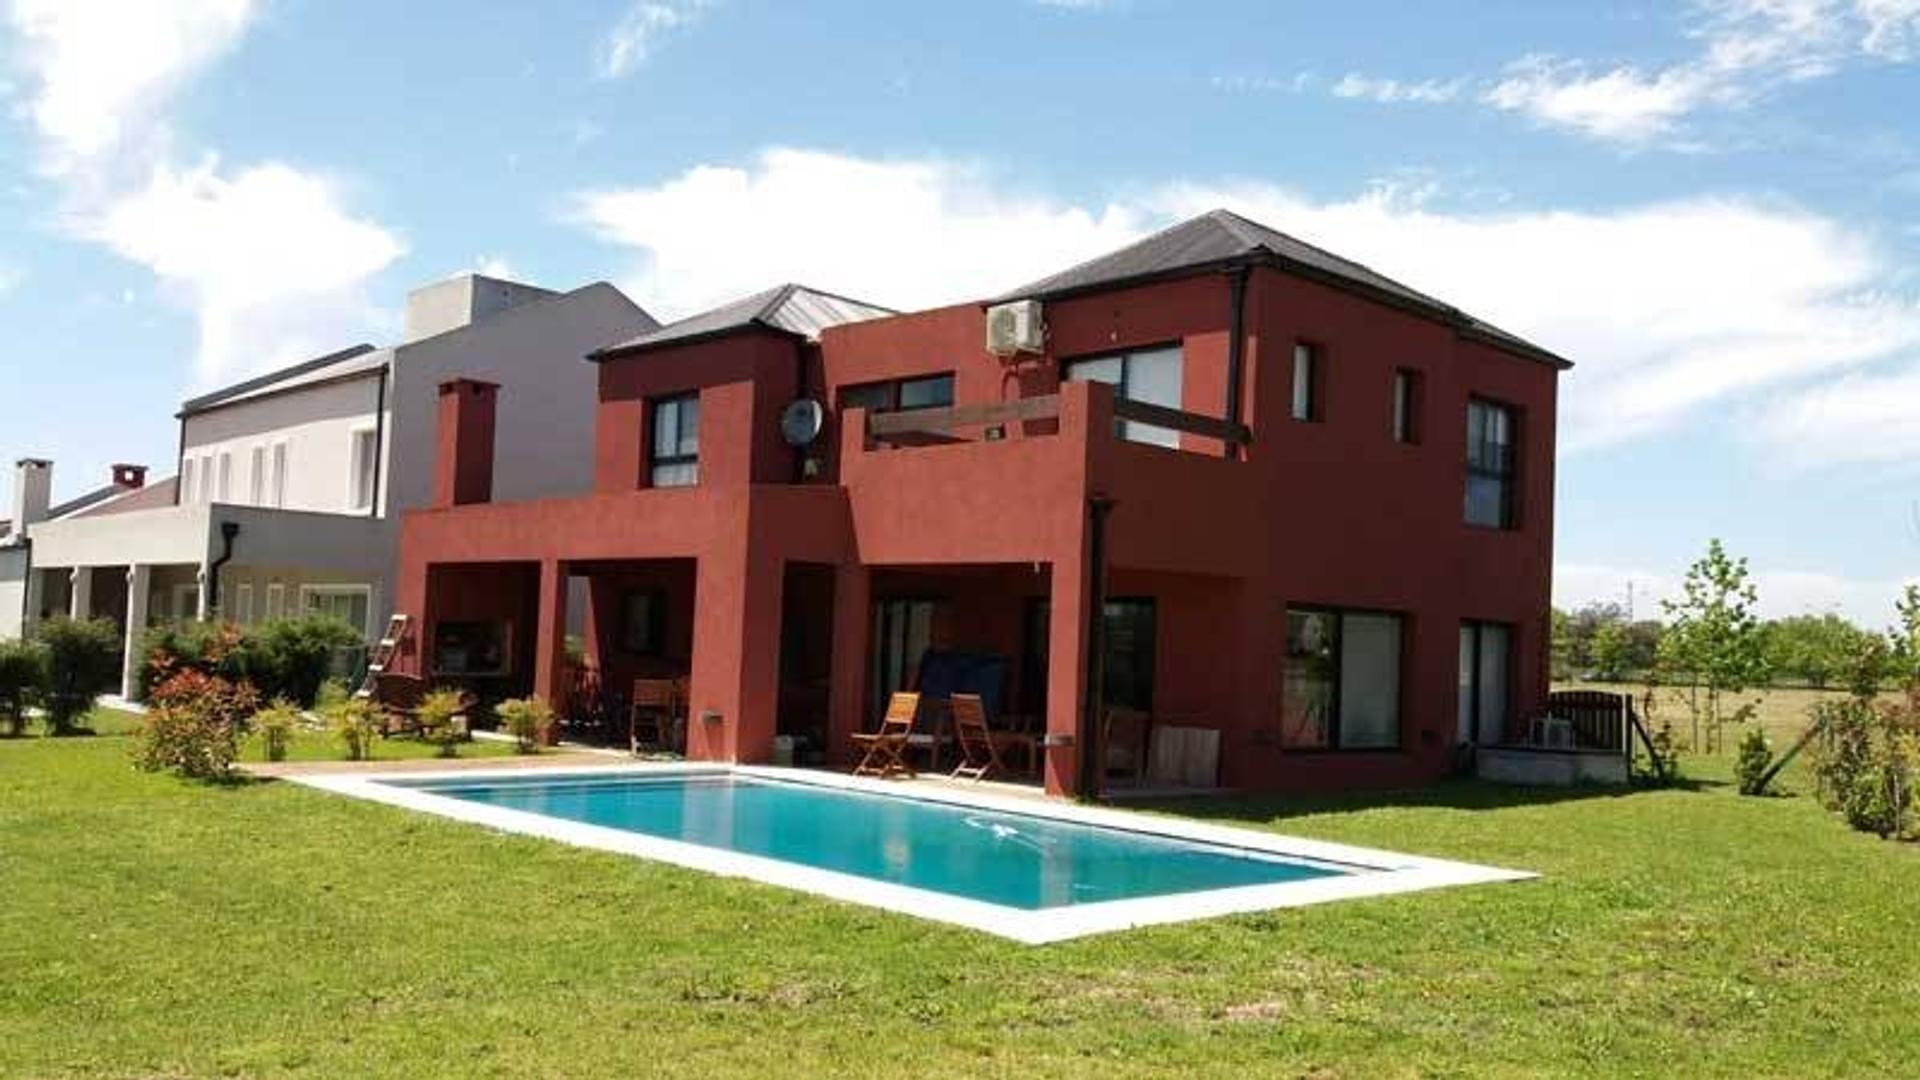 Alquiler de casa en Barrio Pilar del Este - Pilar